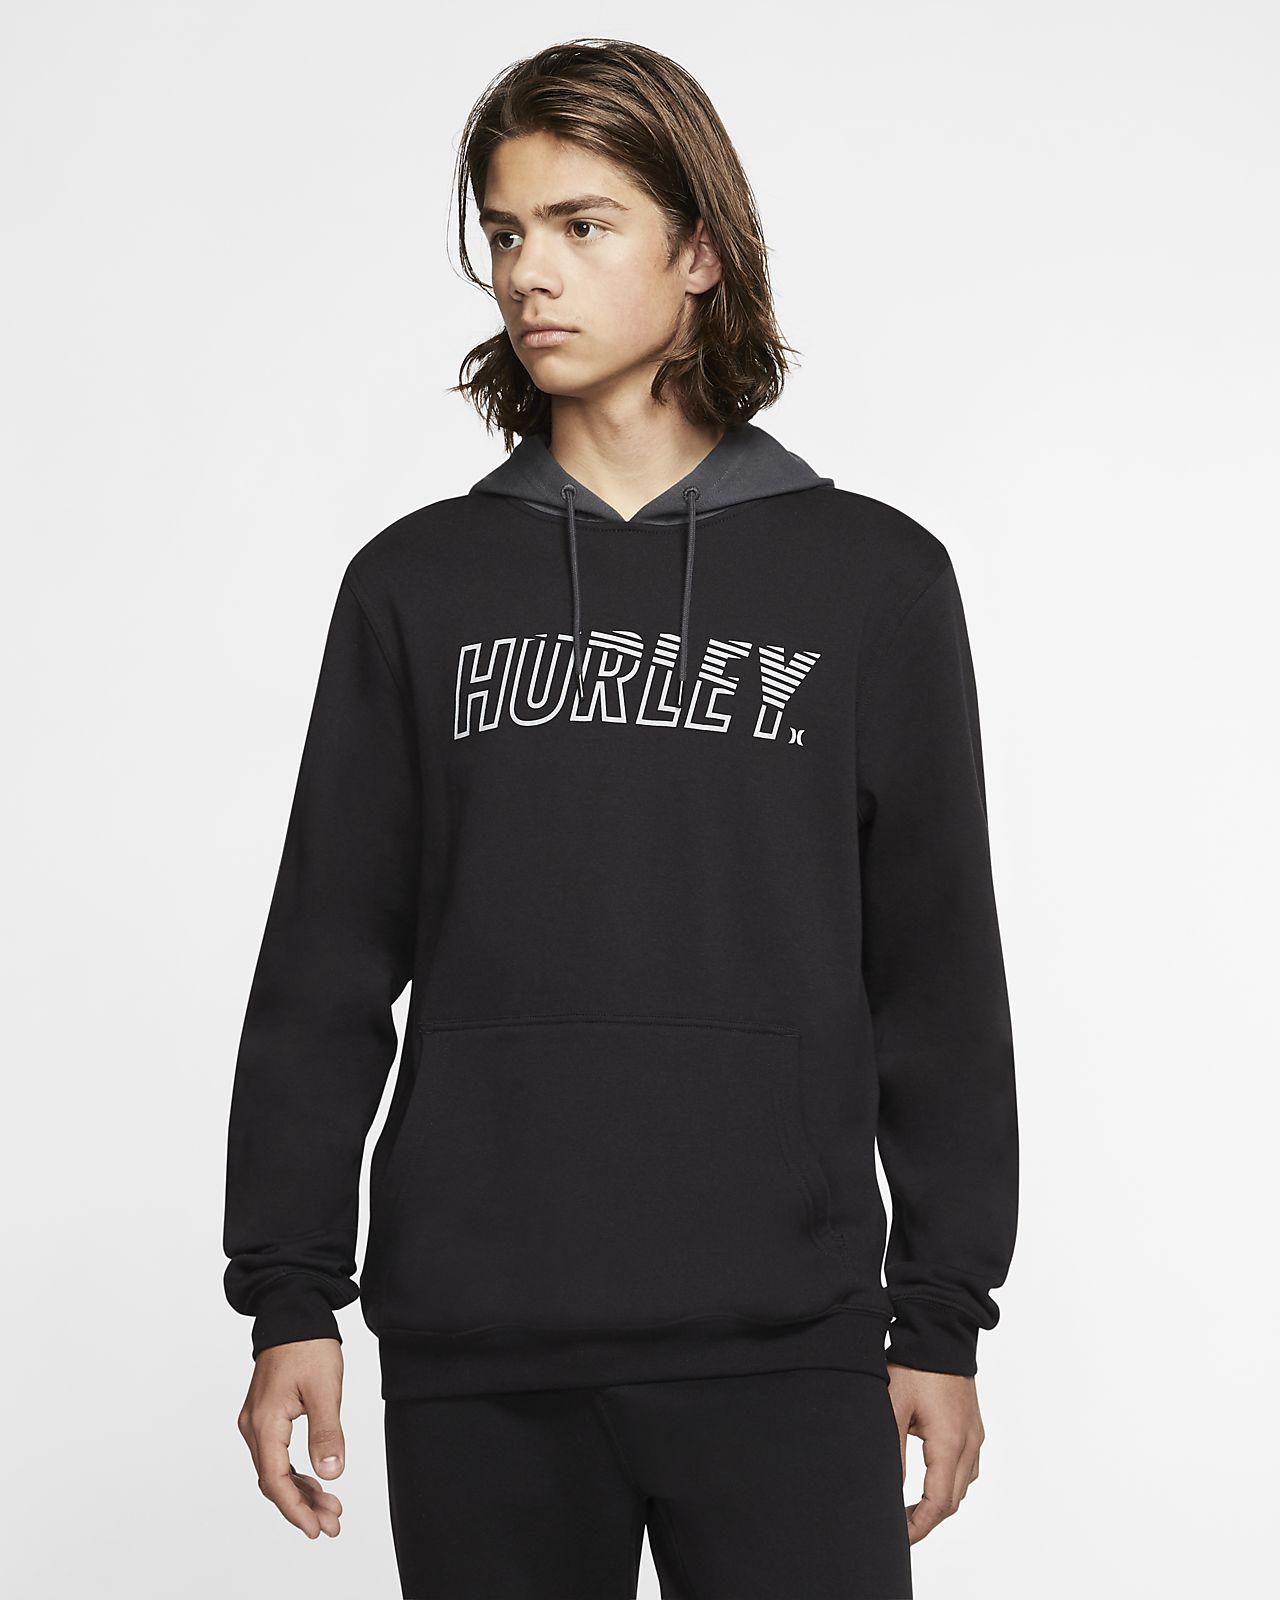 Hurley Onshore Men's Sweatshirt